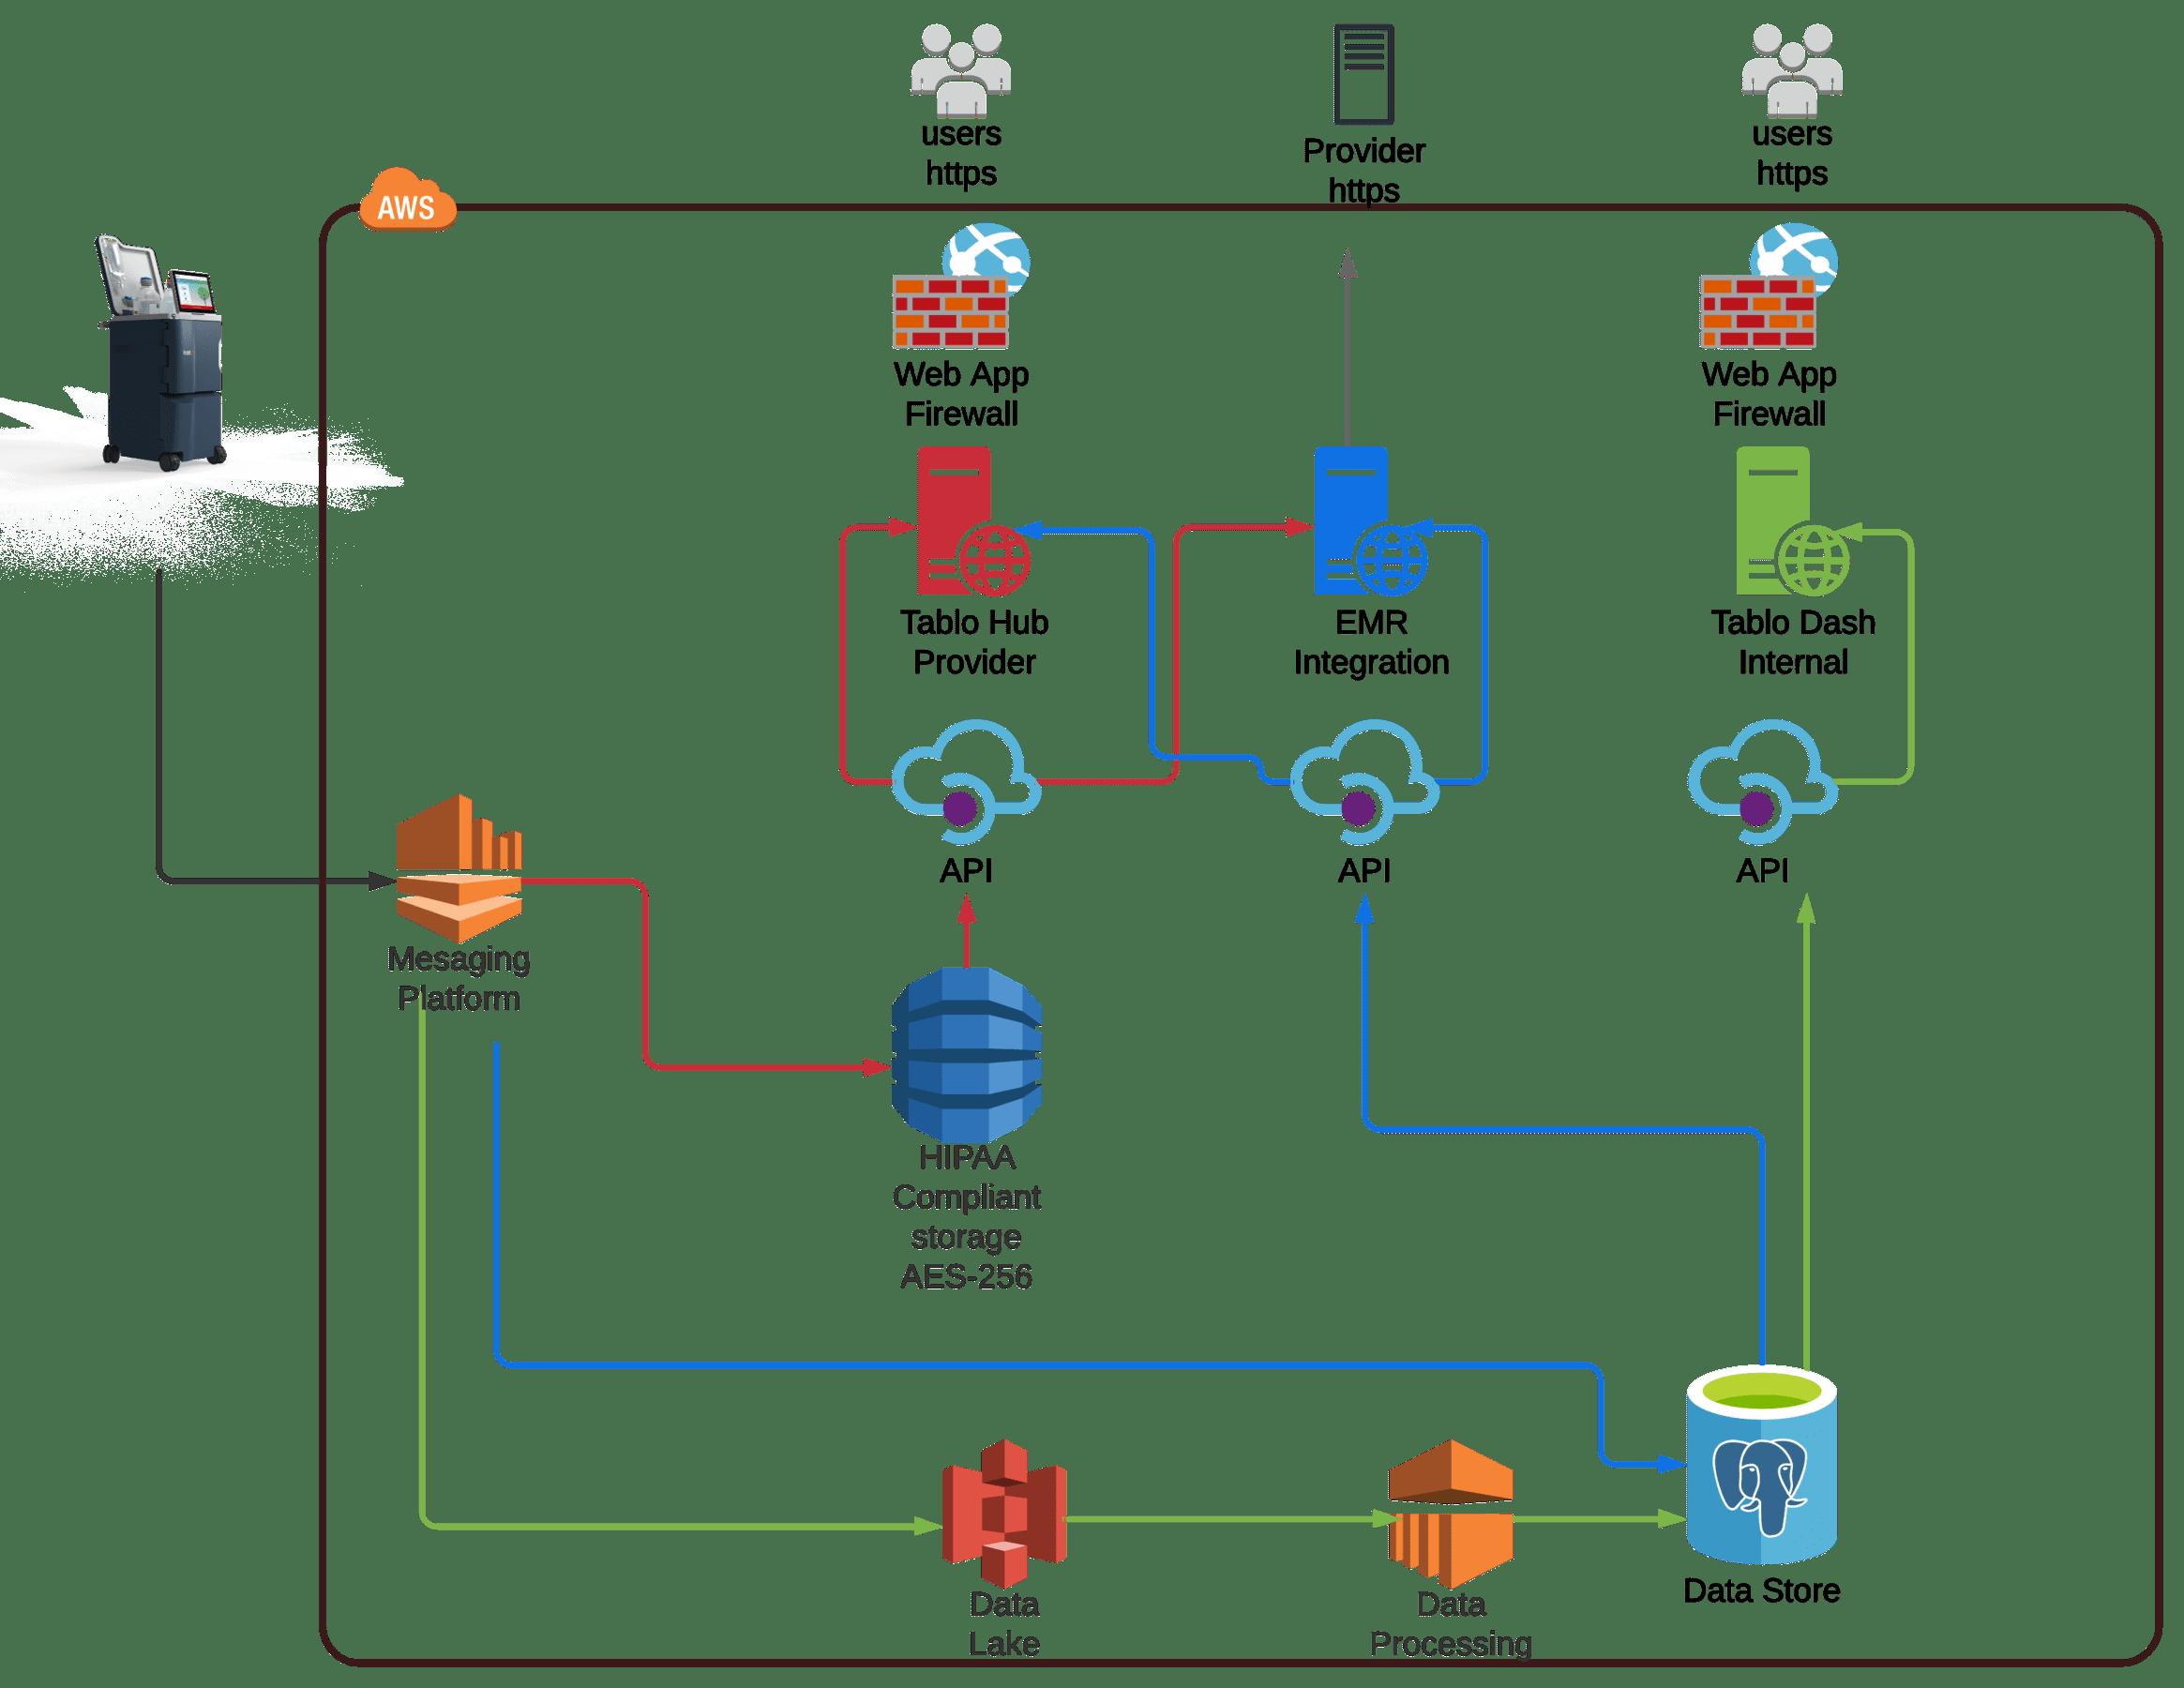 Secure Cloud Data Flows - Tablo Cloud Architecture